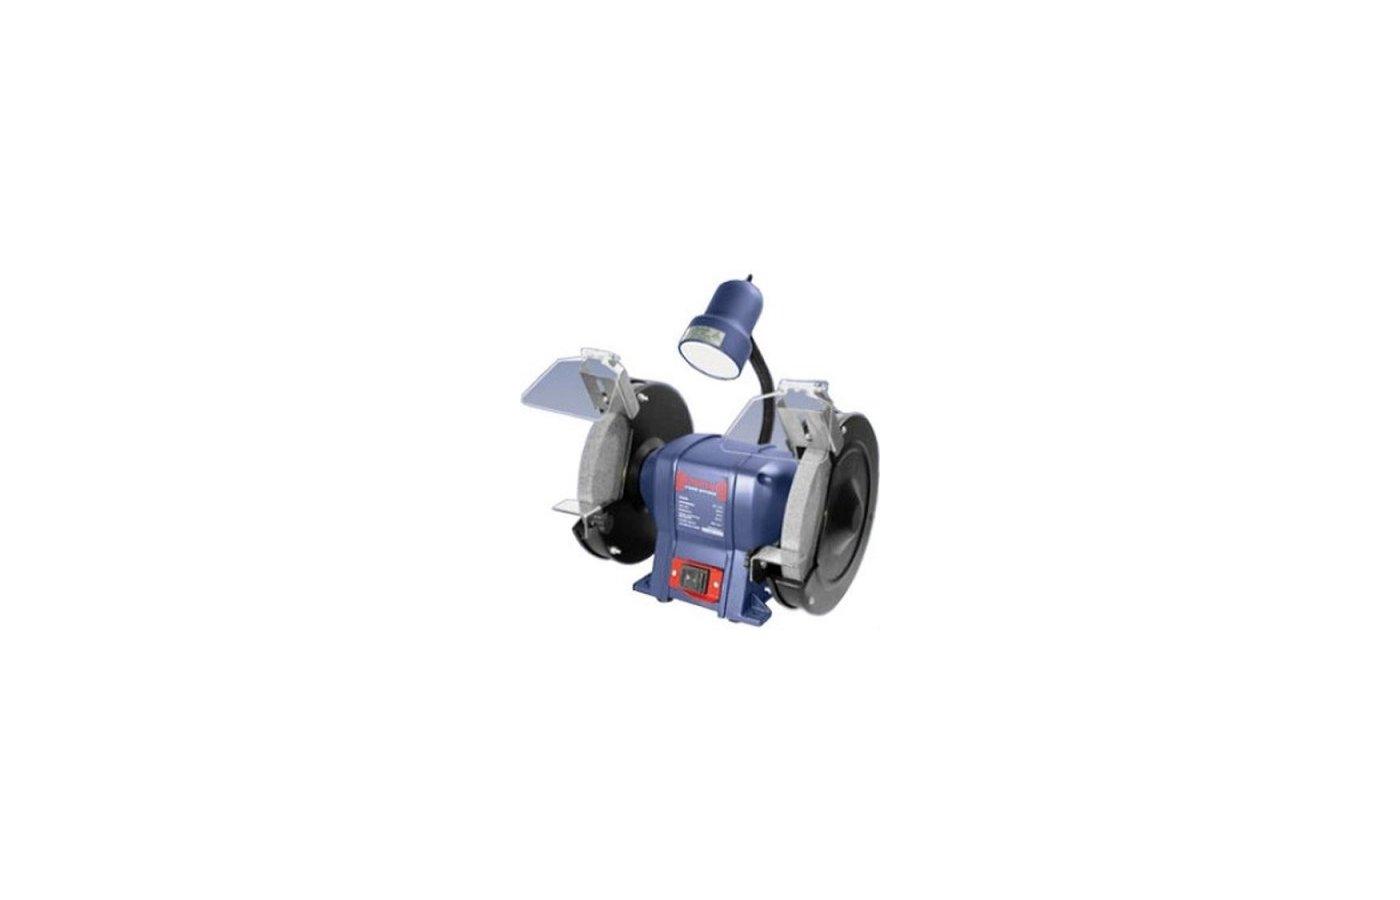 КРАТОН BG 350/200 L